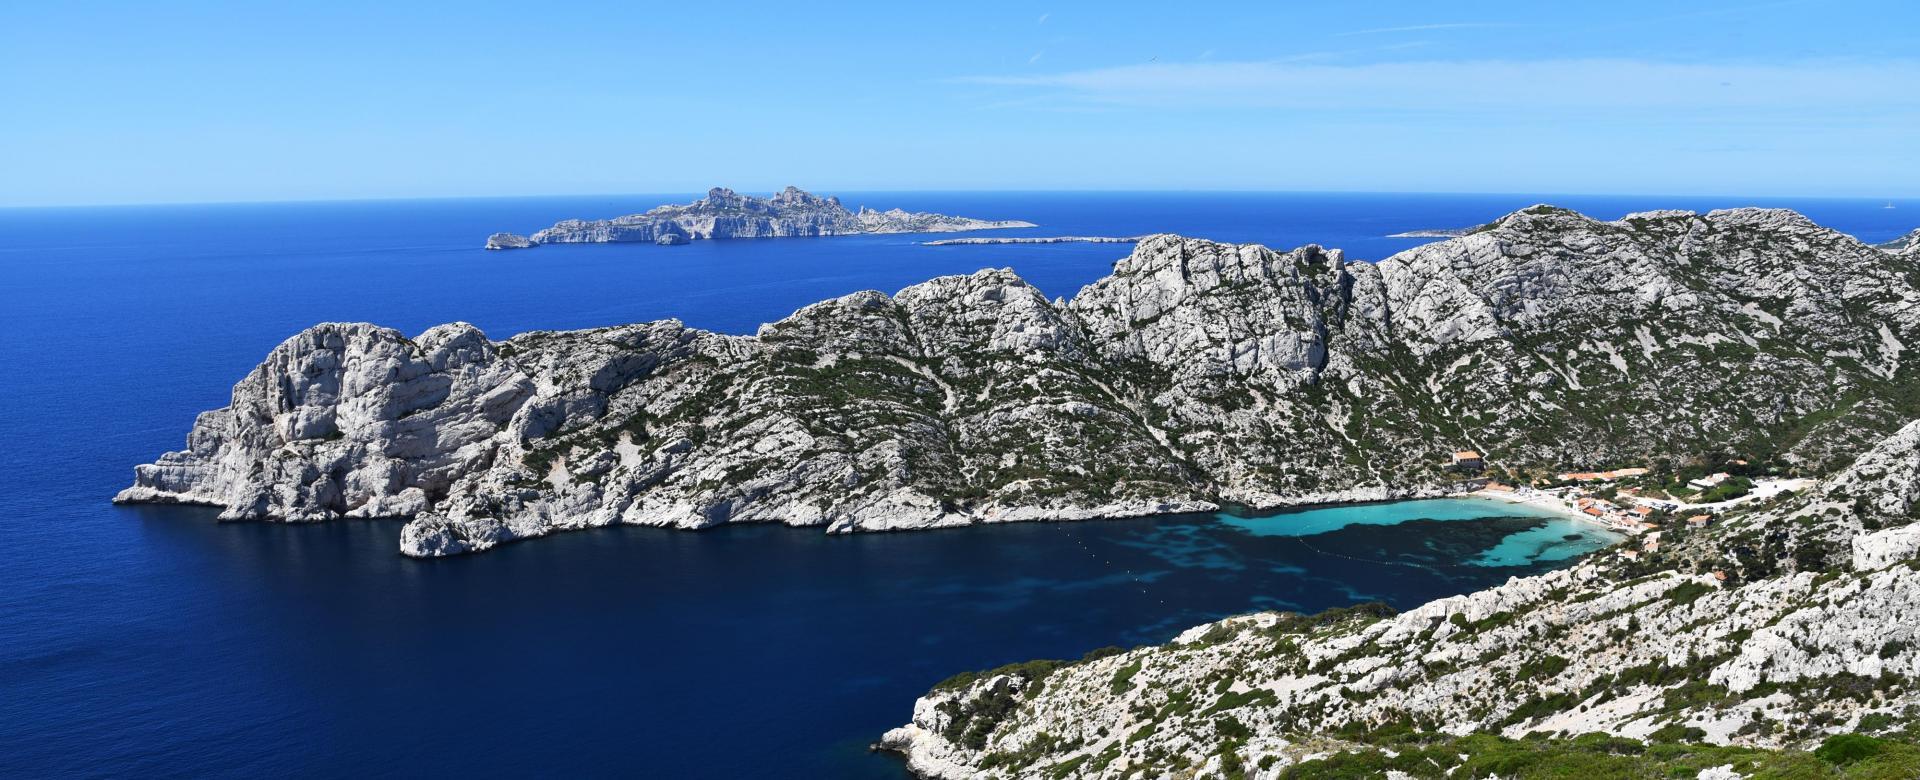 Voyage à pied : Provence : Randonnée du vertige dans les calanques